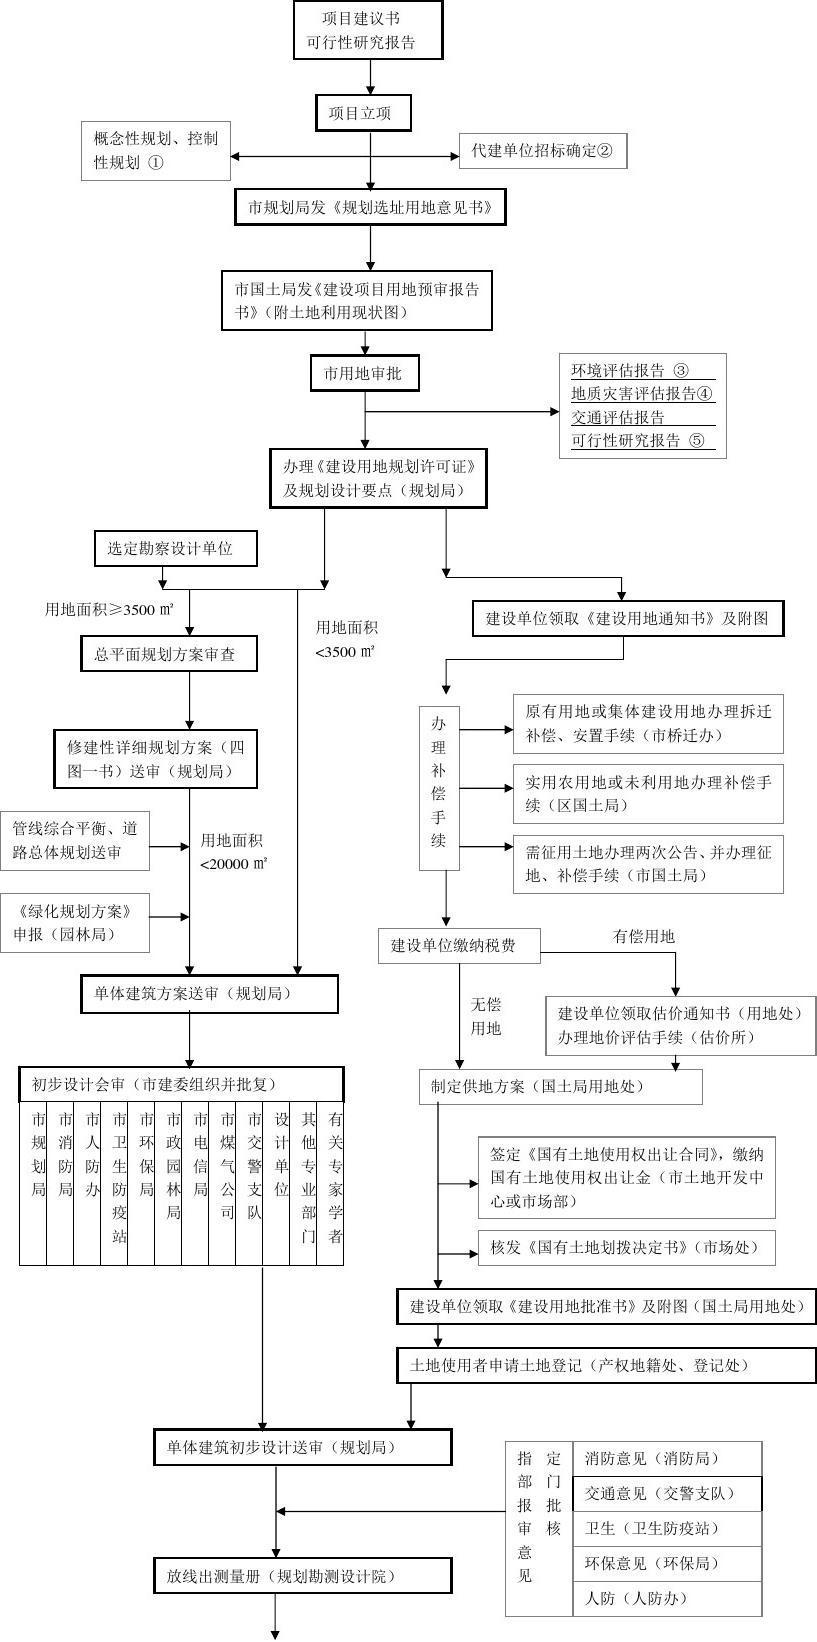 代建项目基建总流程图2012版图片